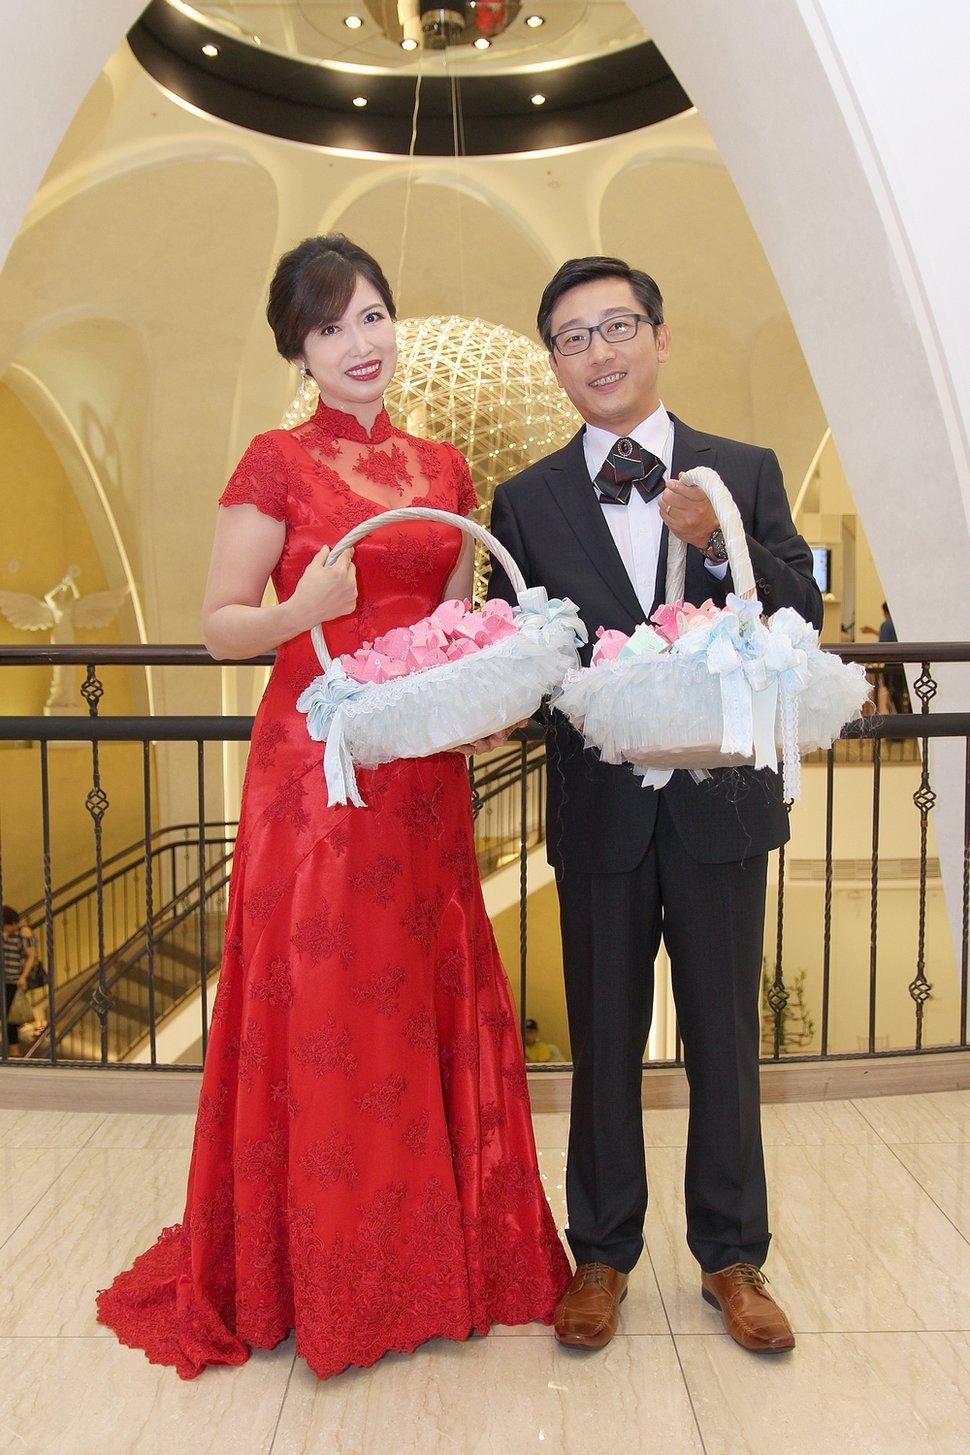 雅鈴❤️文偉(單午宴)(桃園晶宴)(編號:431240) - 瑞比特婚禮紀錄攝影 - 結婚吧